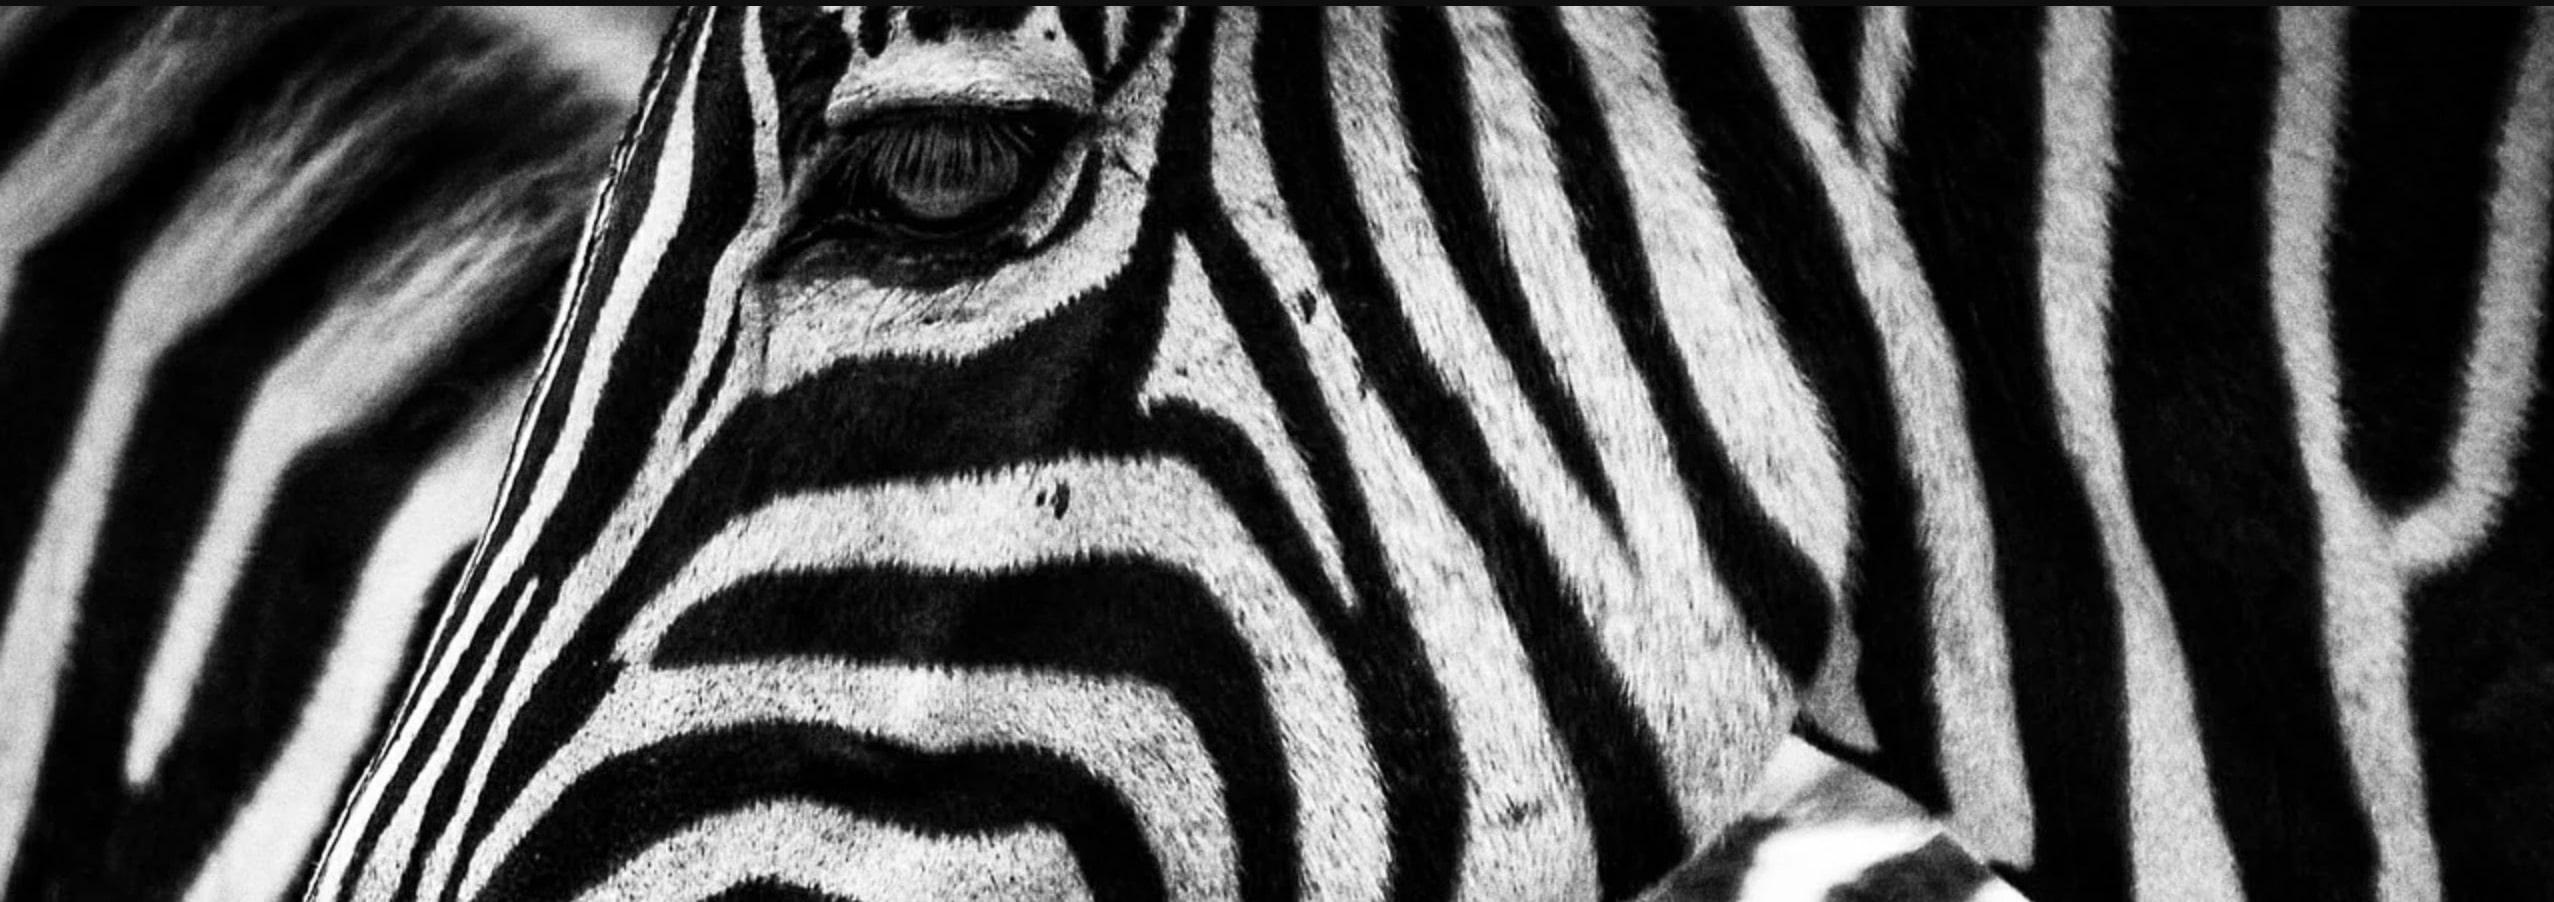 Zebres afrique